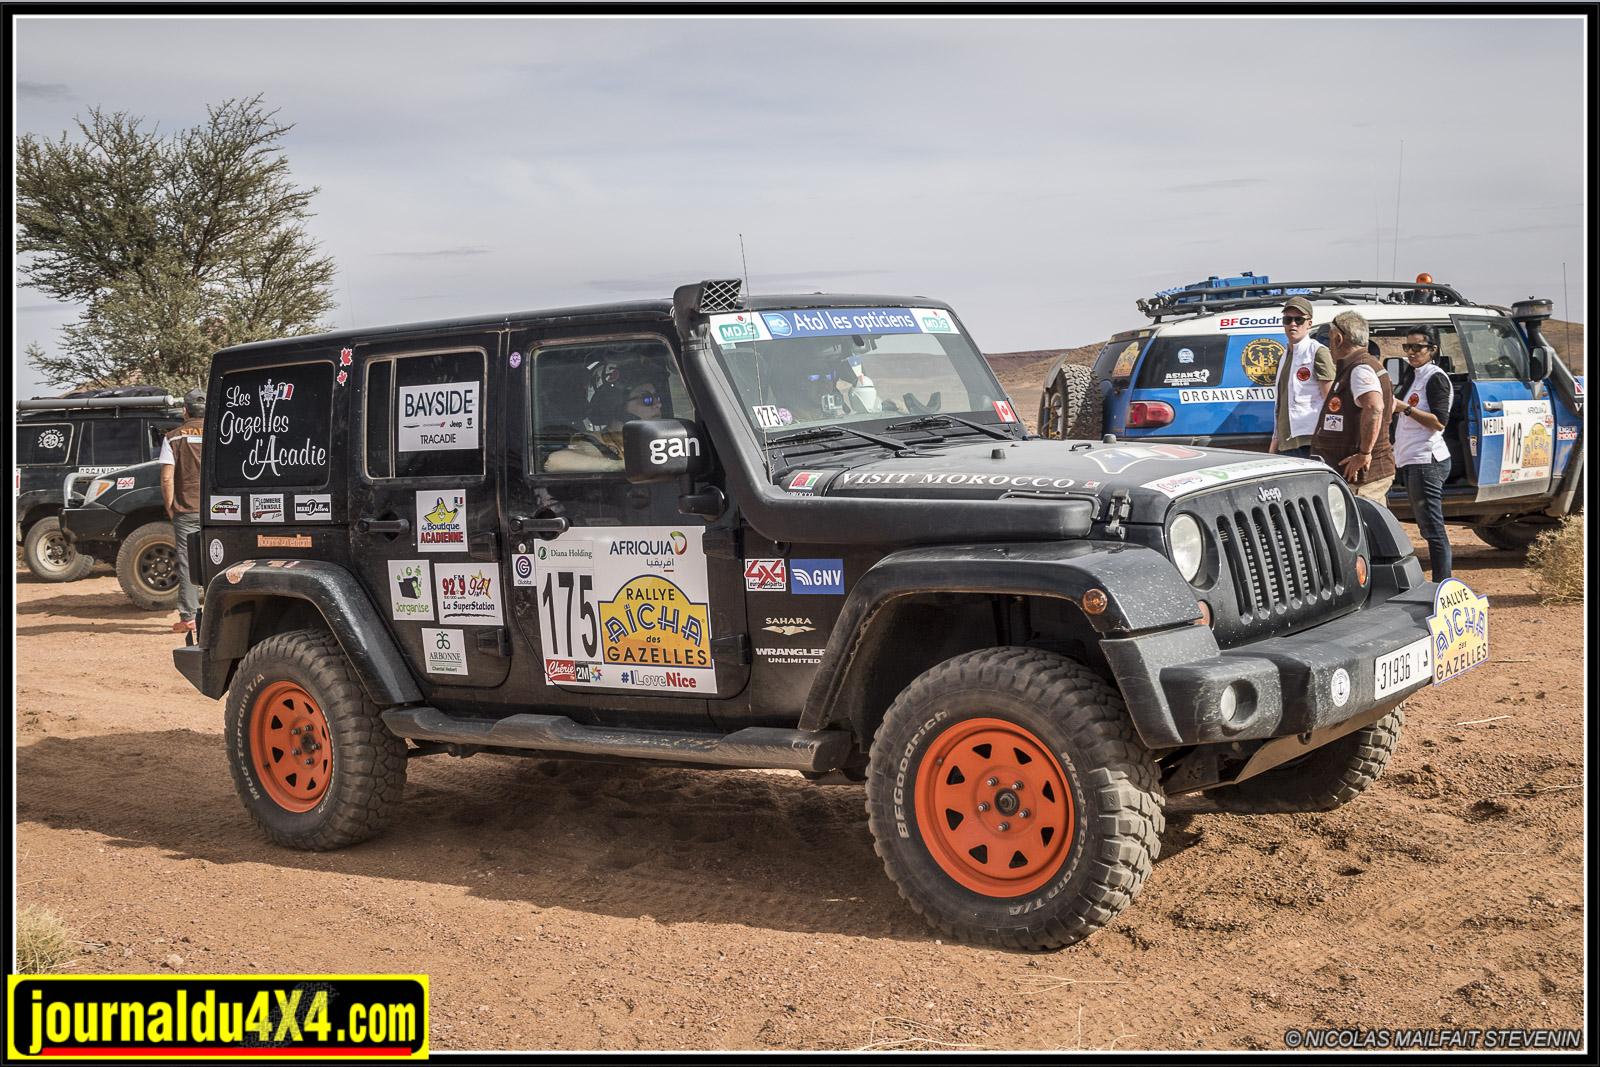 rallye-aicha-gazelles-maroc-2017-6809.jpg